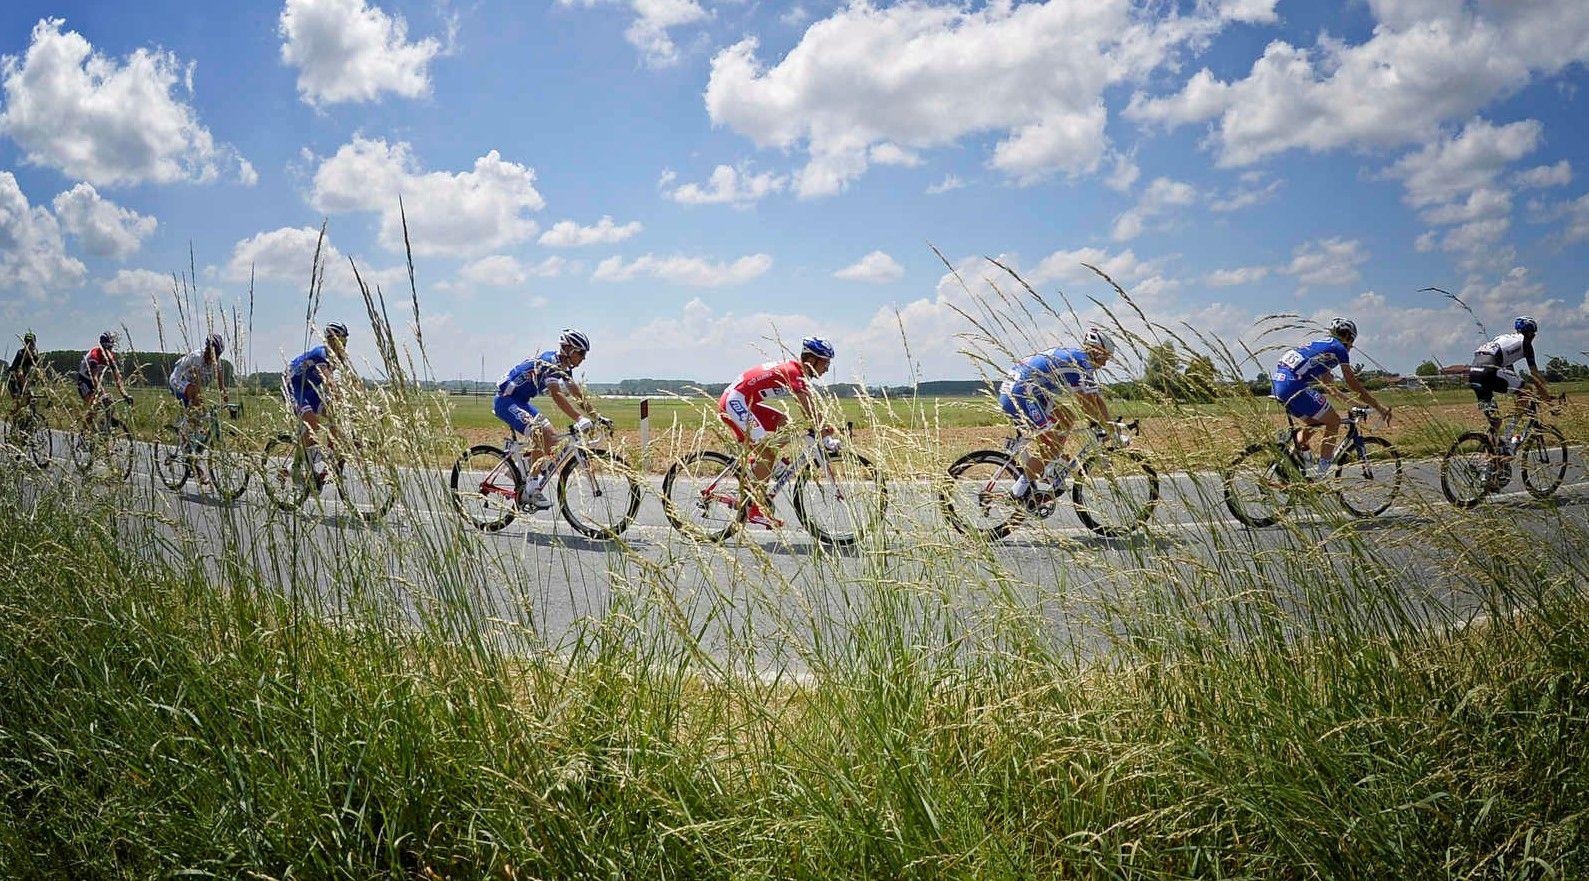 CICLISMO - Il Giro d'Italia torna in Canavese per la tappa decisiva dell'edizione 2018 - FOTO